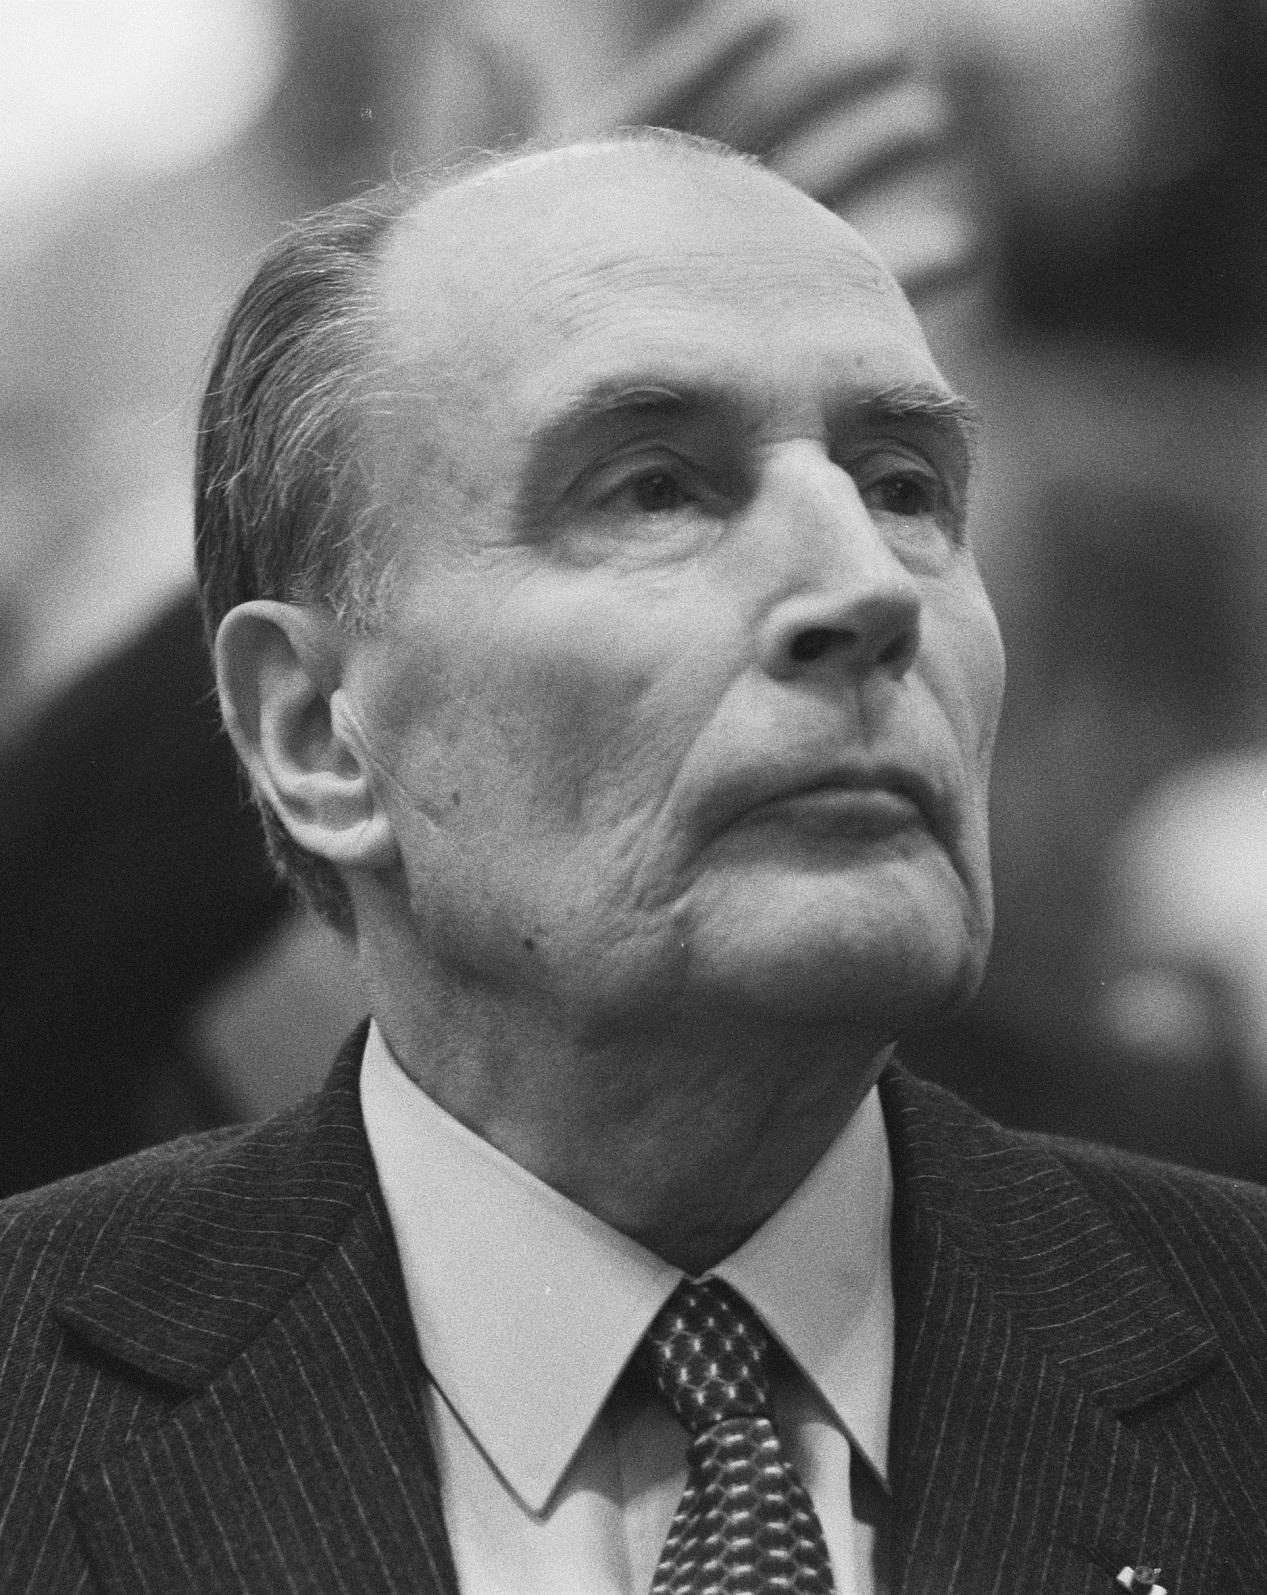 Le président de la république François Mitterrand en 1988